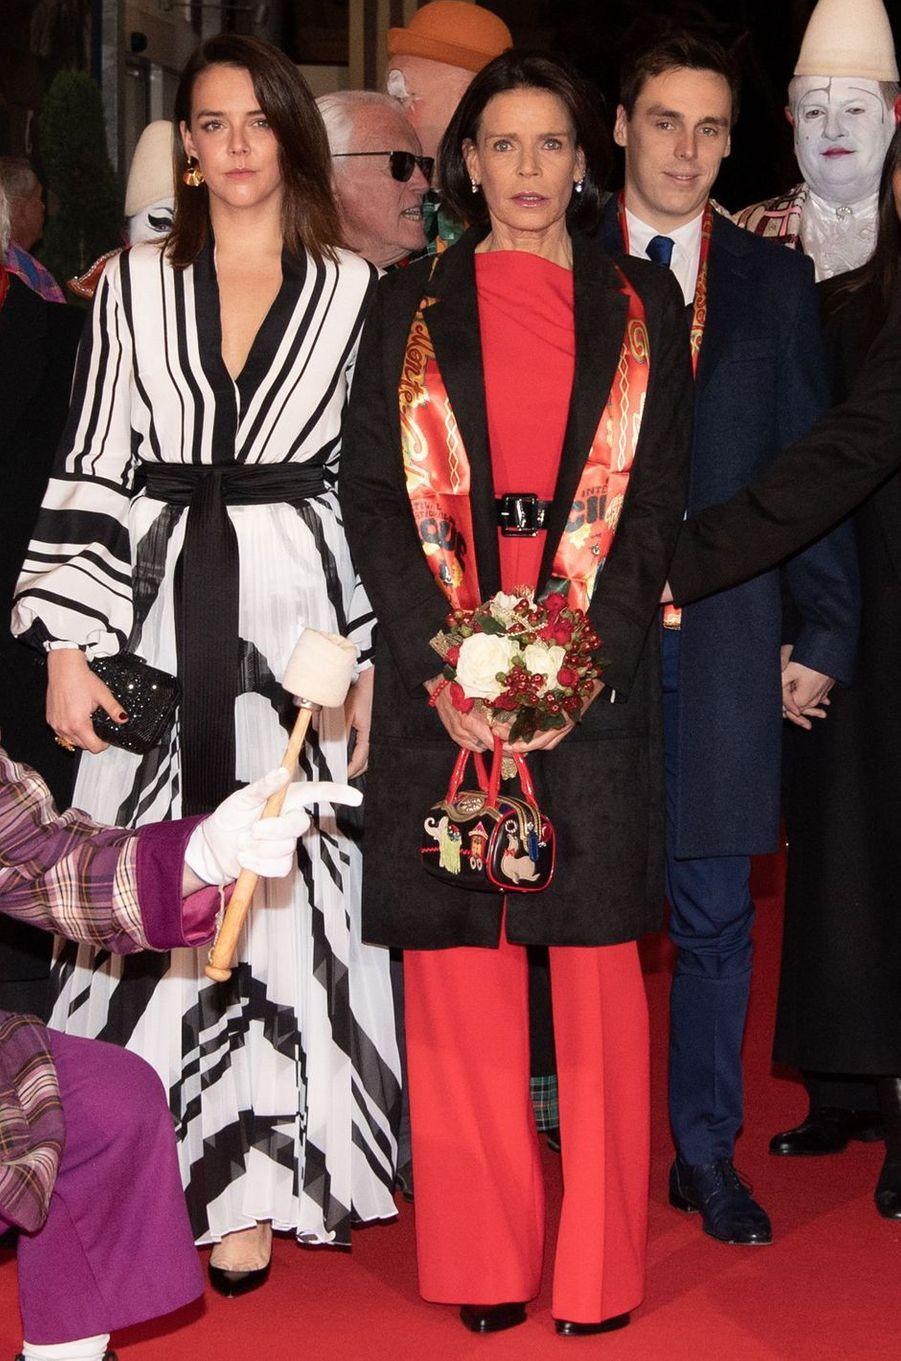 La princesse Stéphanie de Monaco à son arrivée au Festival du cirque, 16 janvier 2020